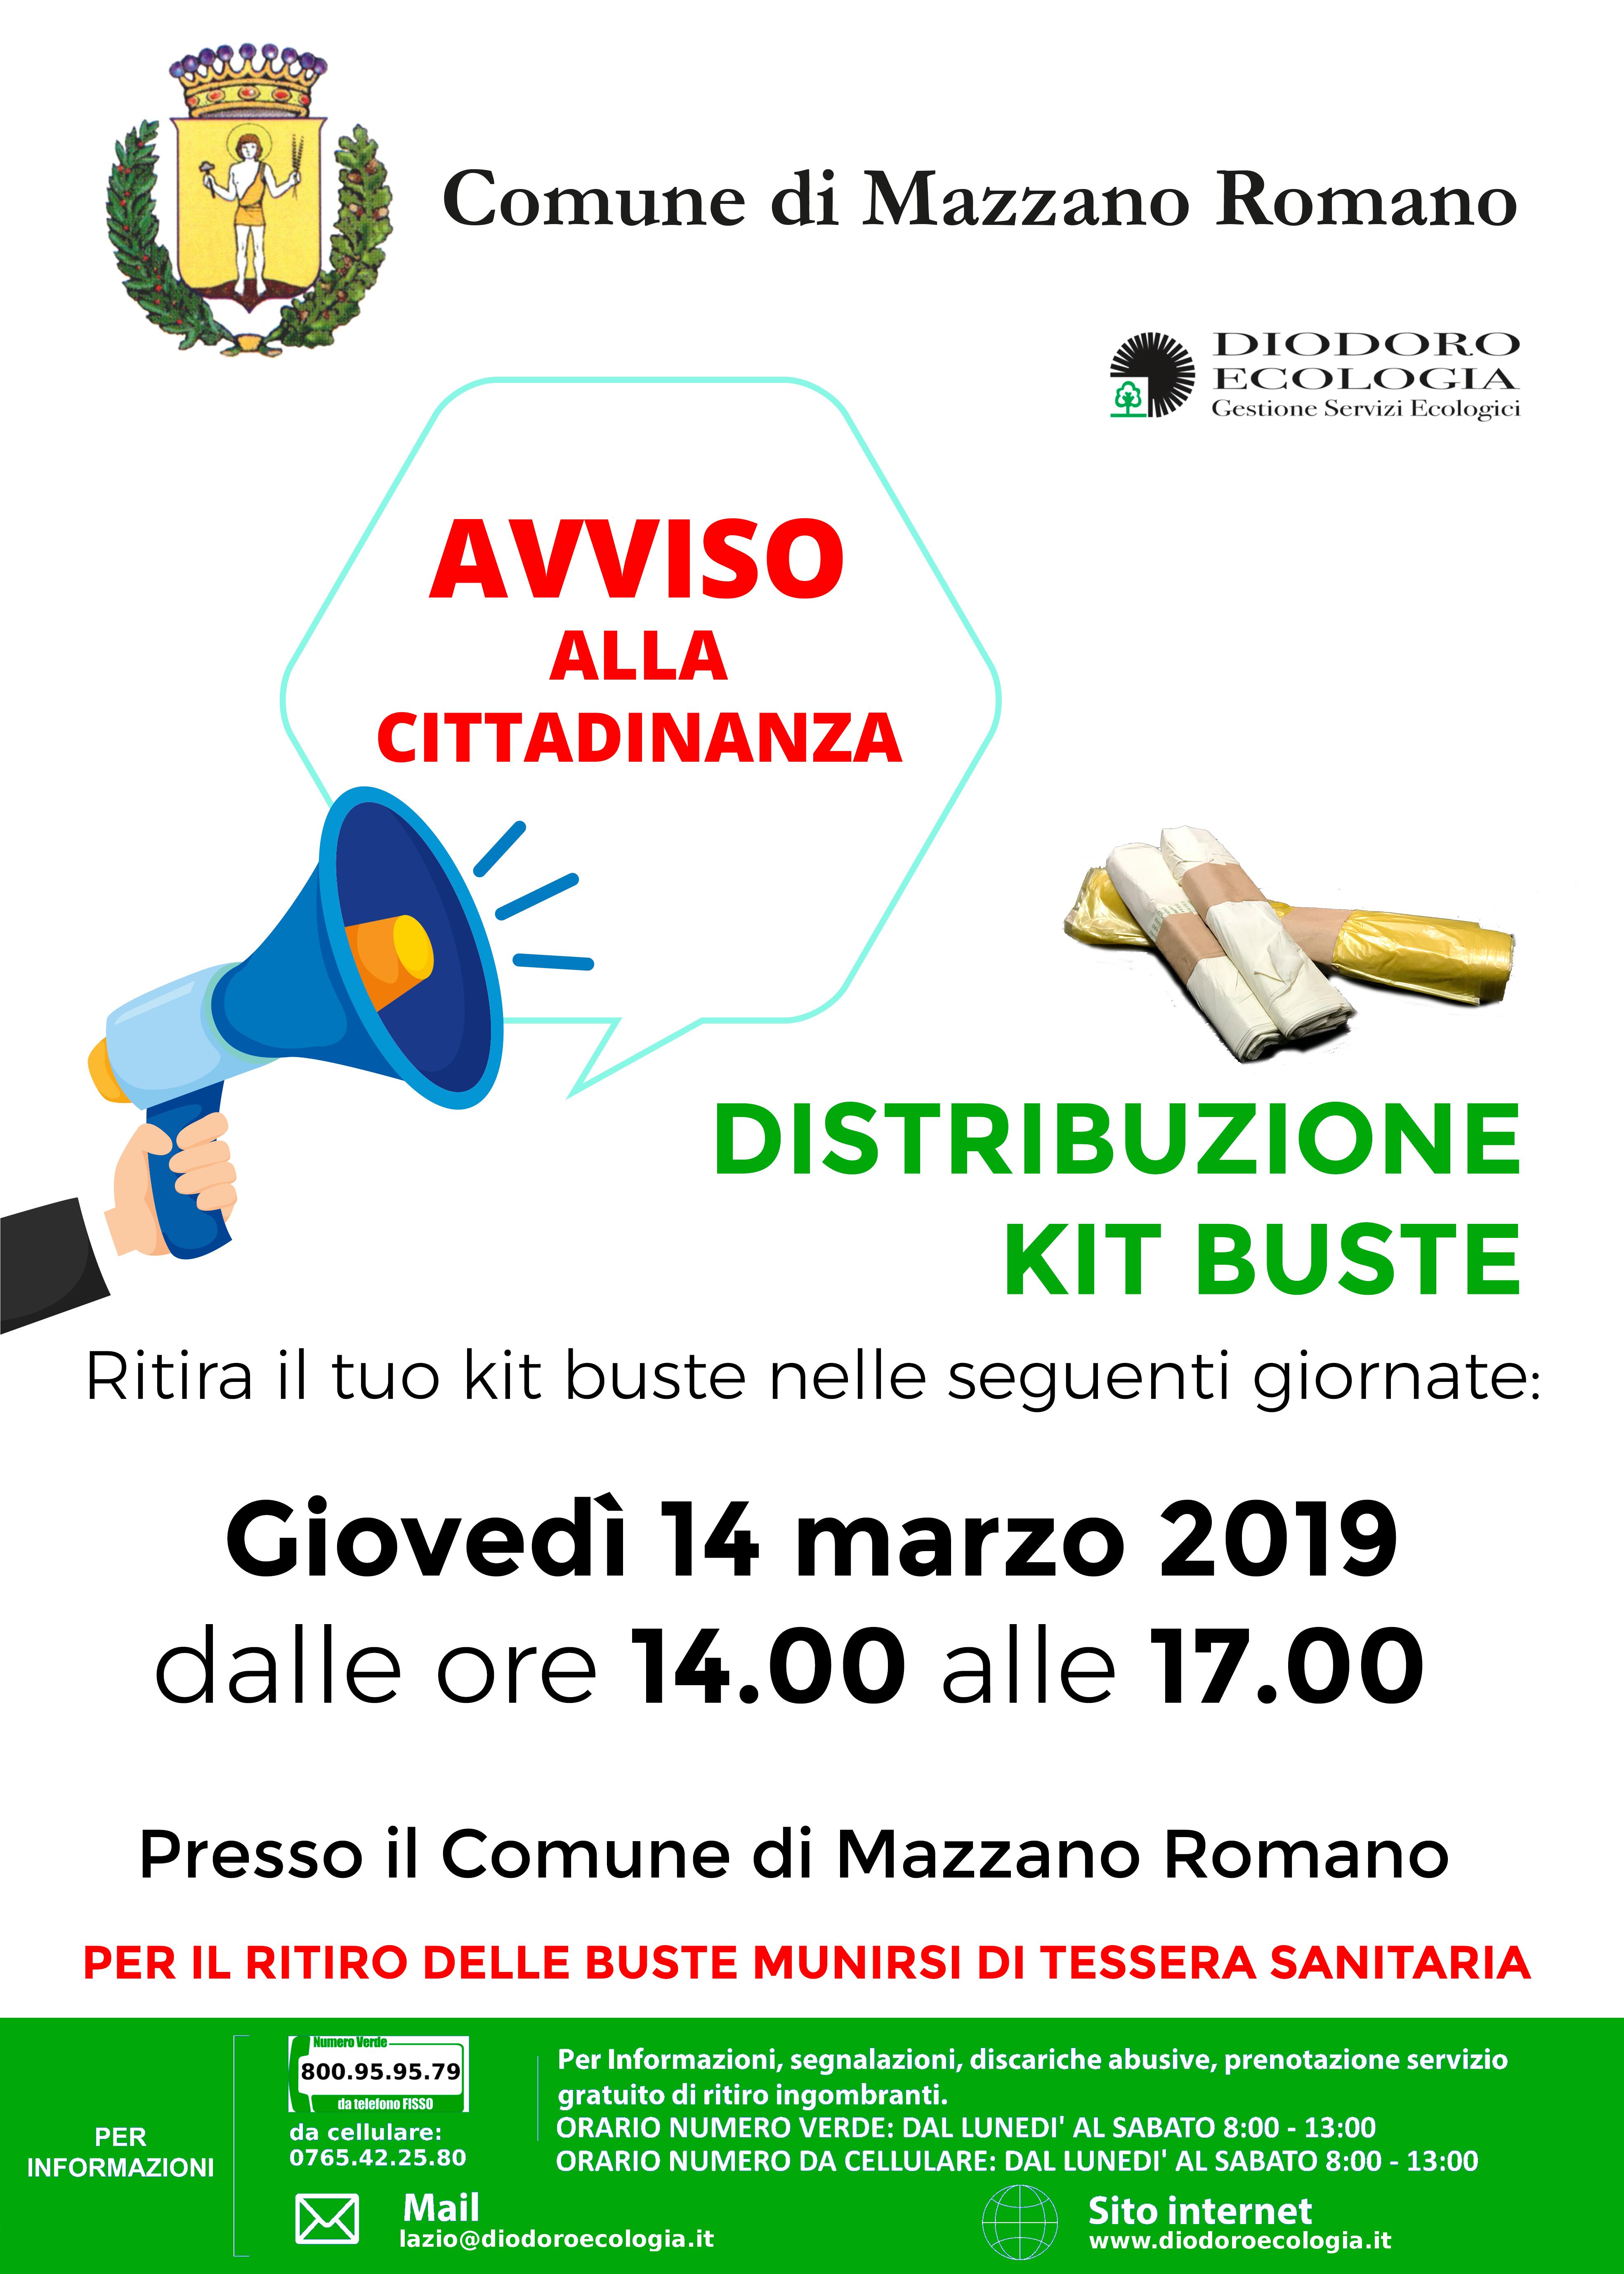 Mazzano Romano: distribuzione buste